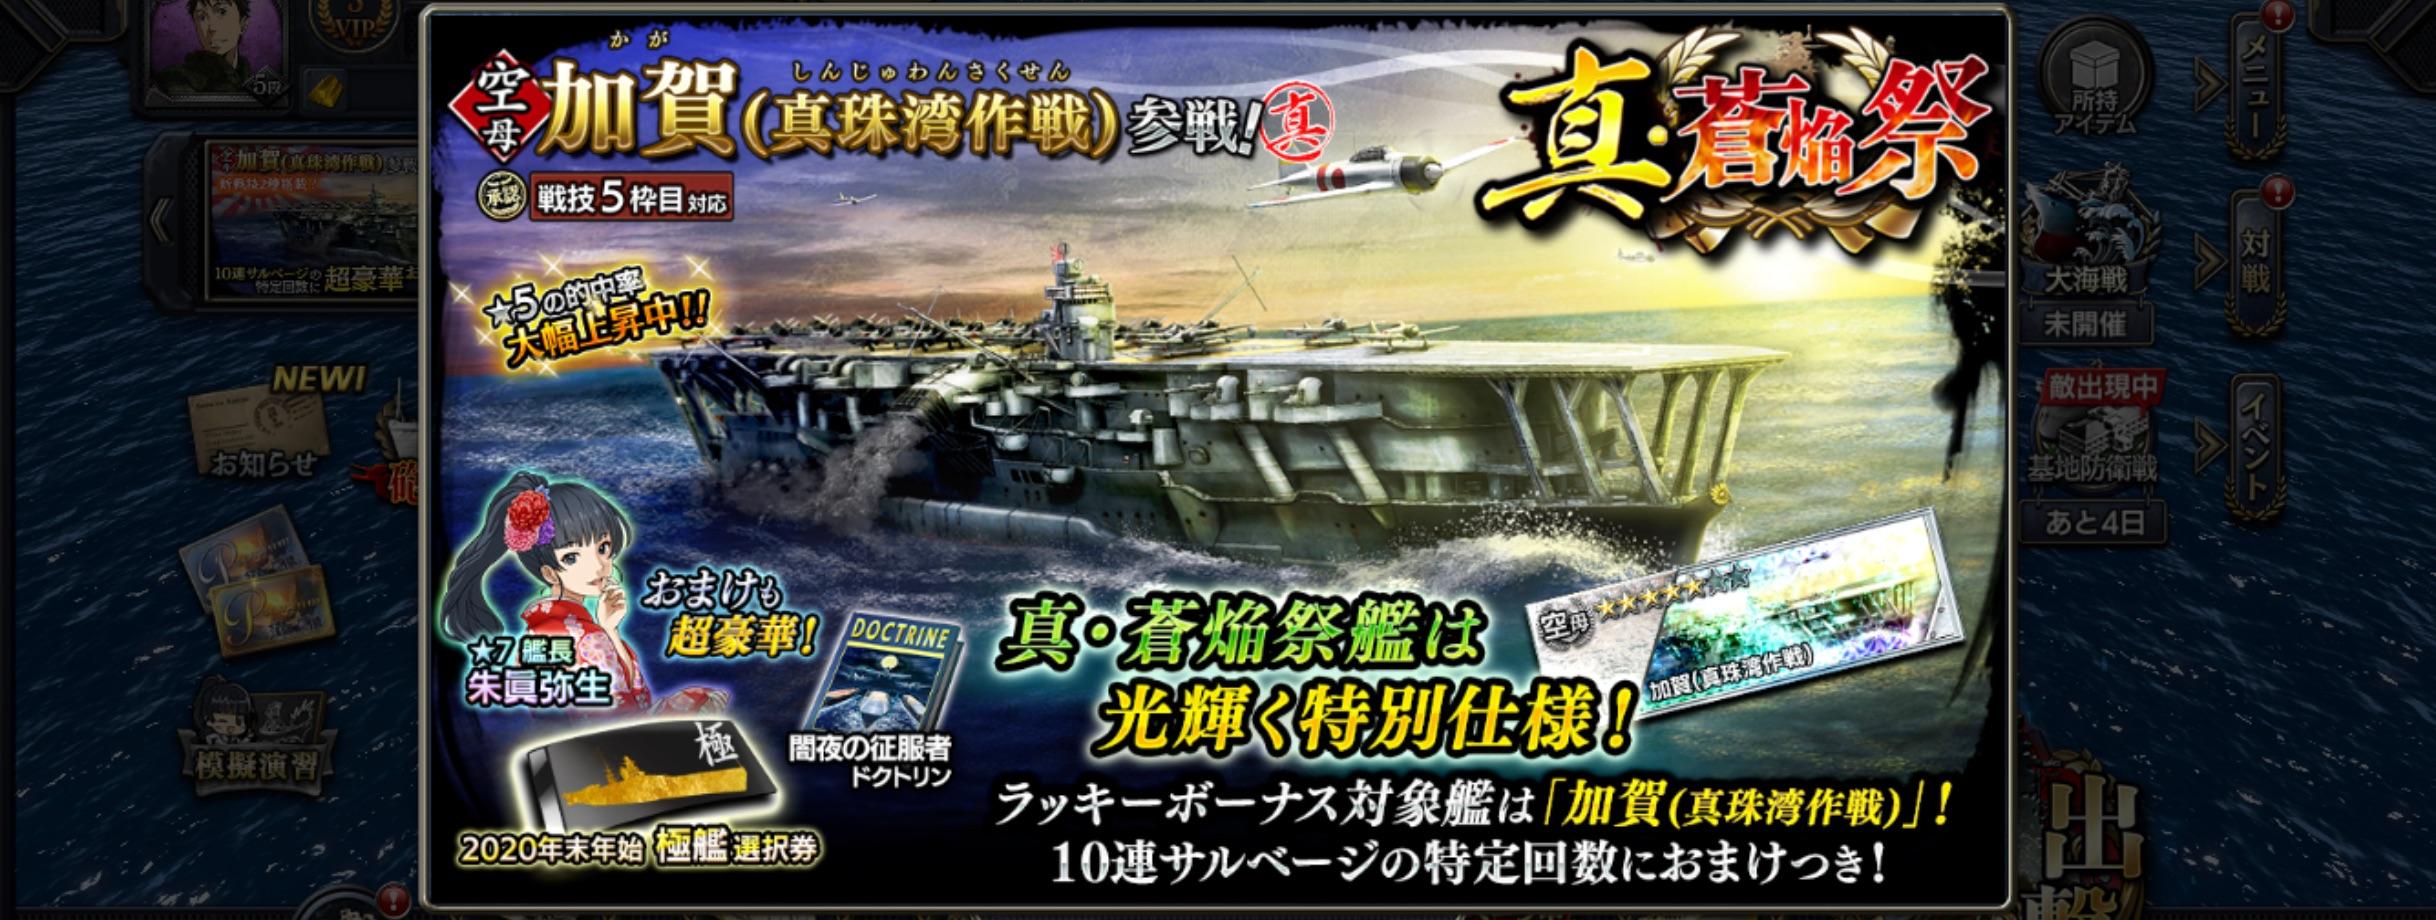 aircraft-carrier:KagaP